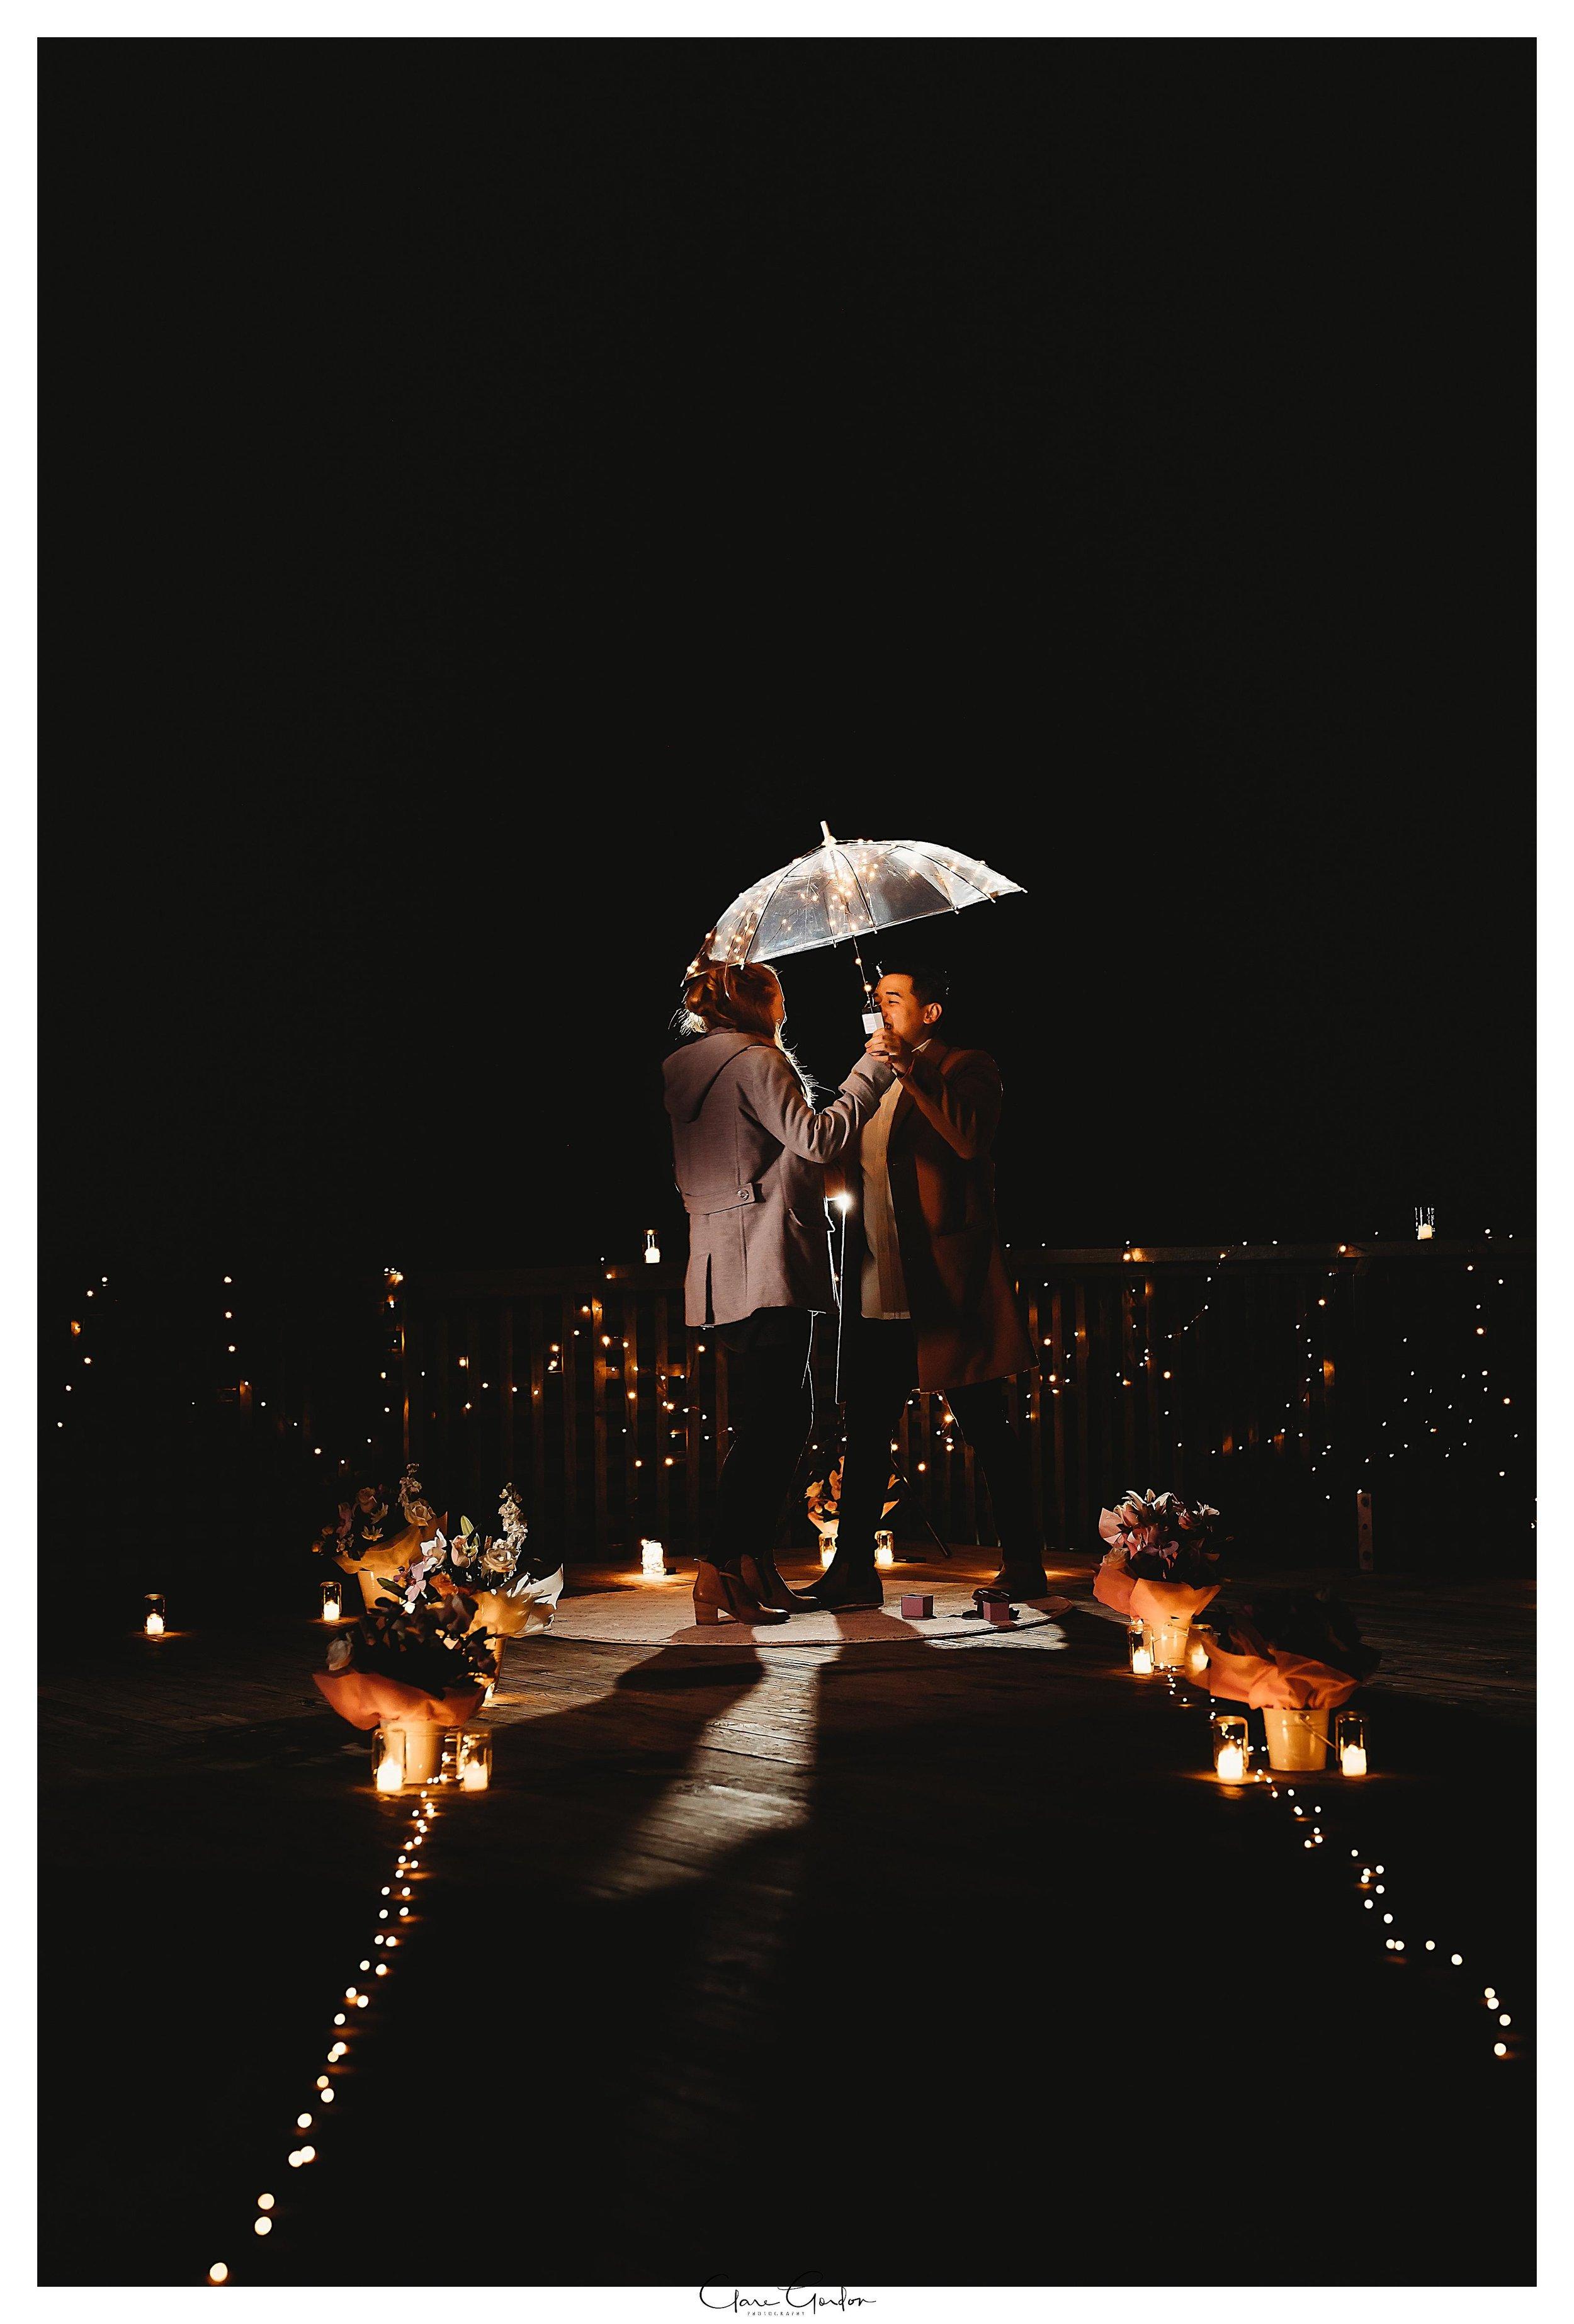 Suprise-Proposal-Engagement-photos-at-night-Raglan-Clare-Gordon-photography (11).jpg